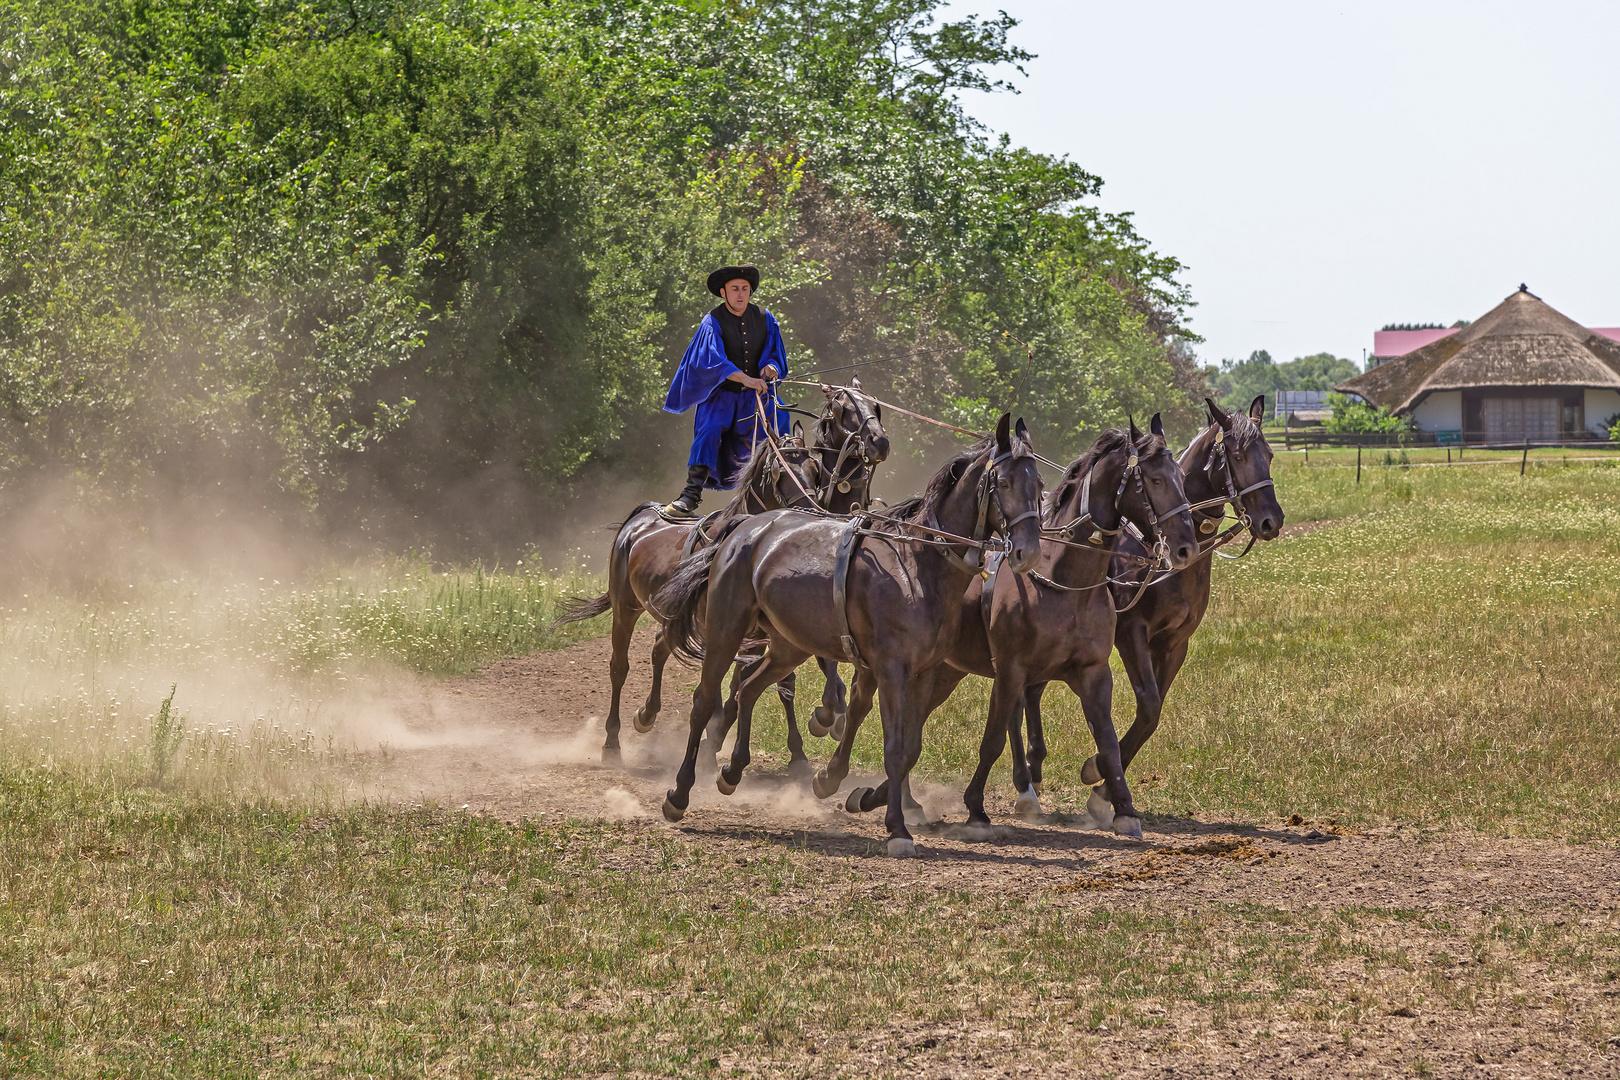 Csikós mit galoppierenden Pferden